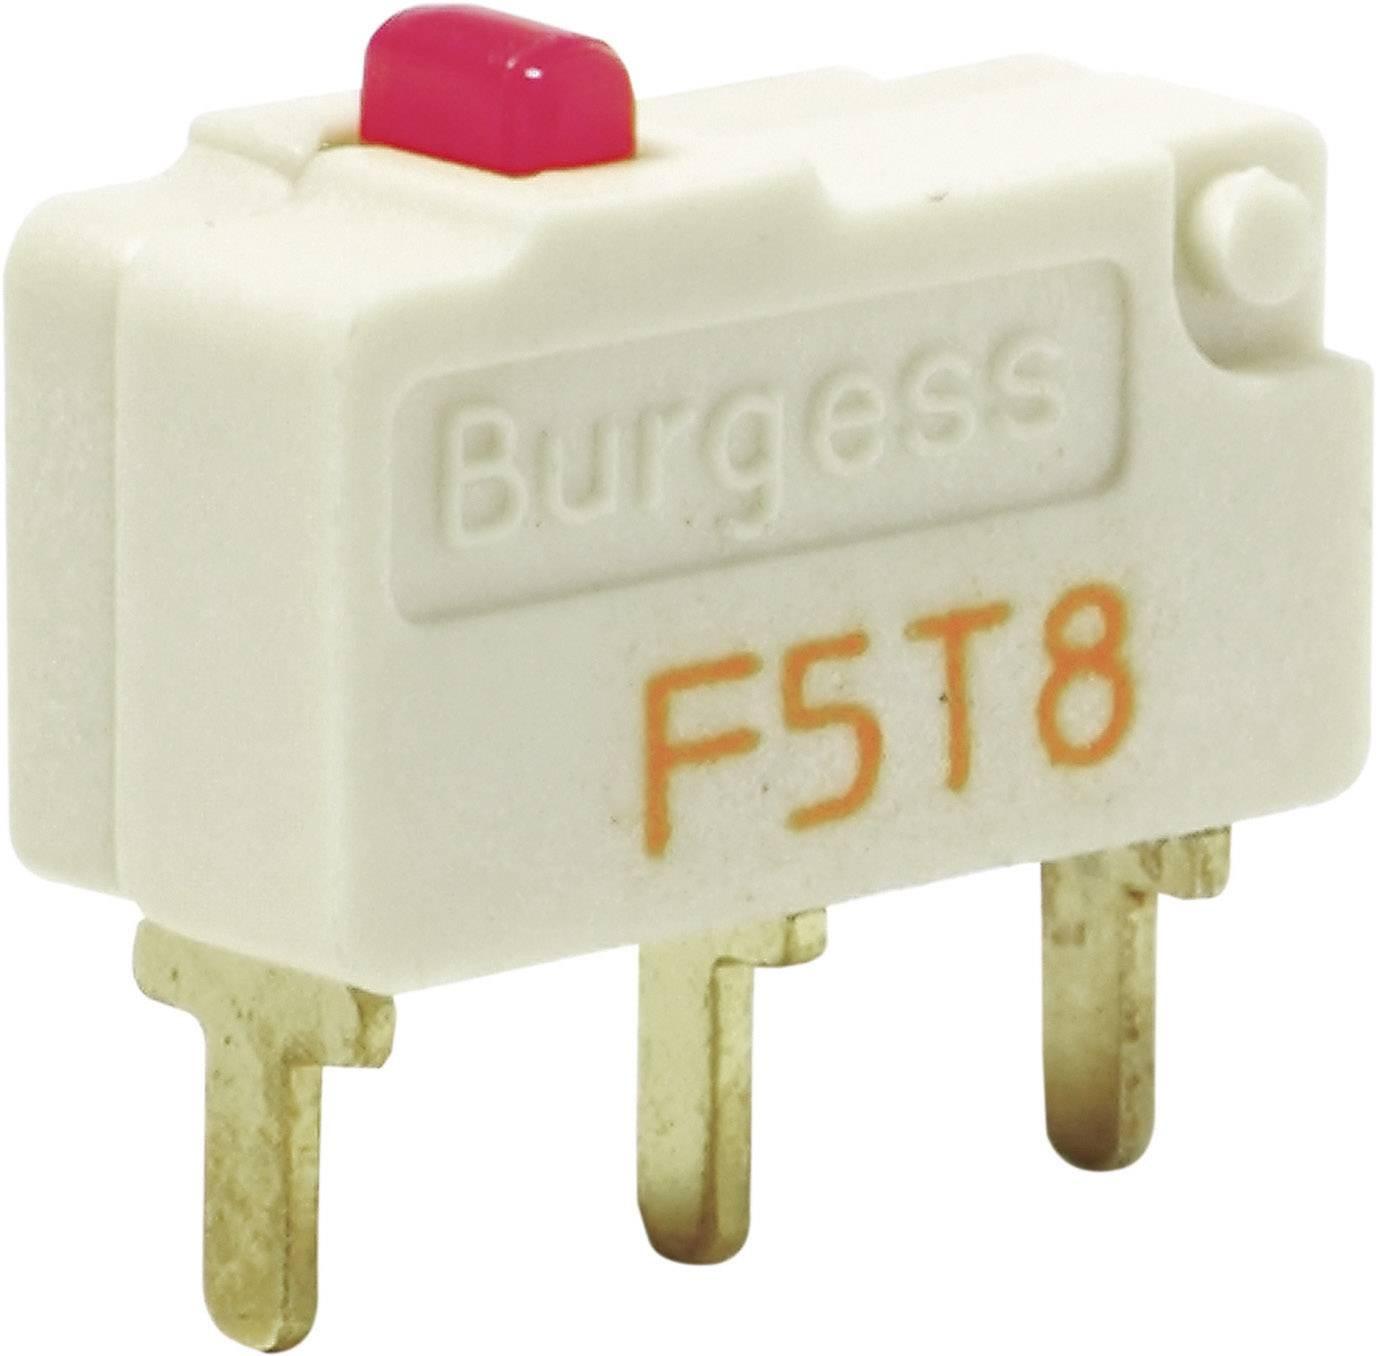 Mikrospínač - zdvíhadlo Burgess F5T8UL, 250 V/AC, 5 A, IP40